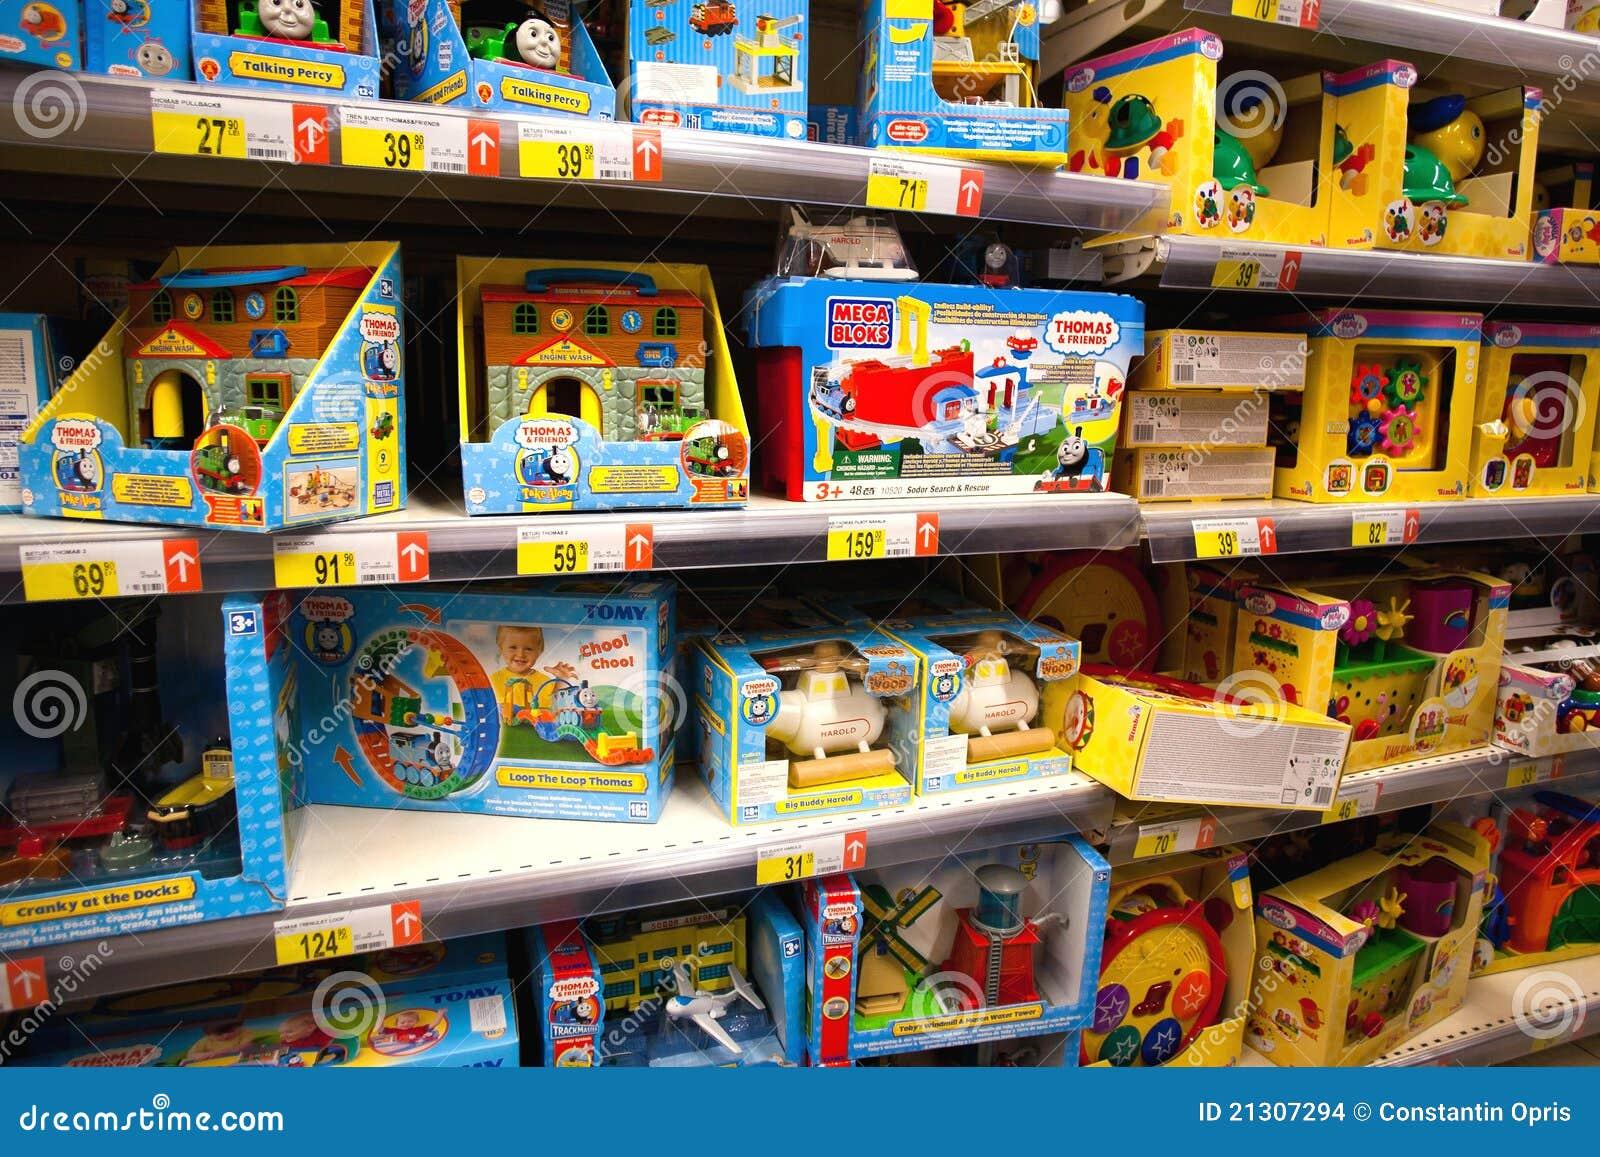 Juguetes en supermercado imagen de archivo editorial ...